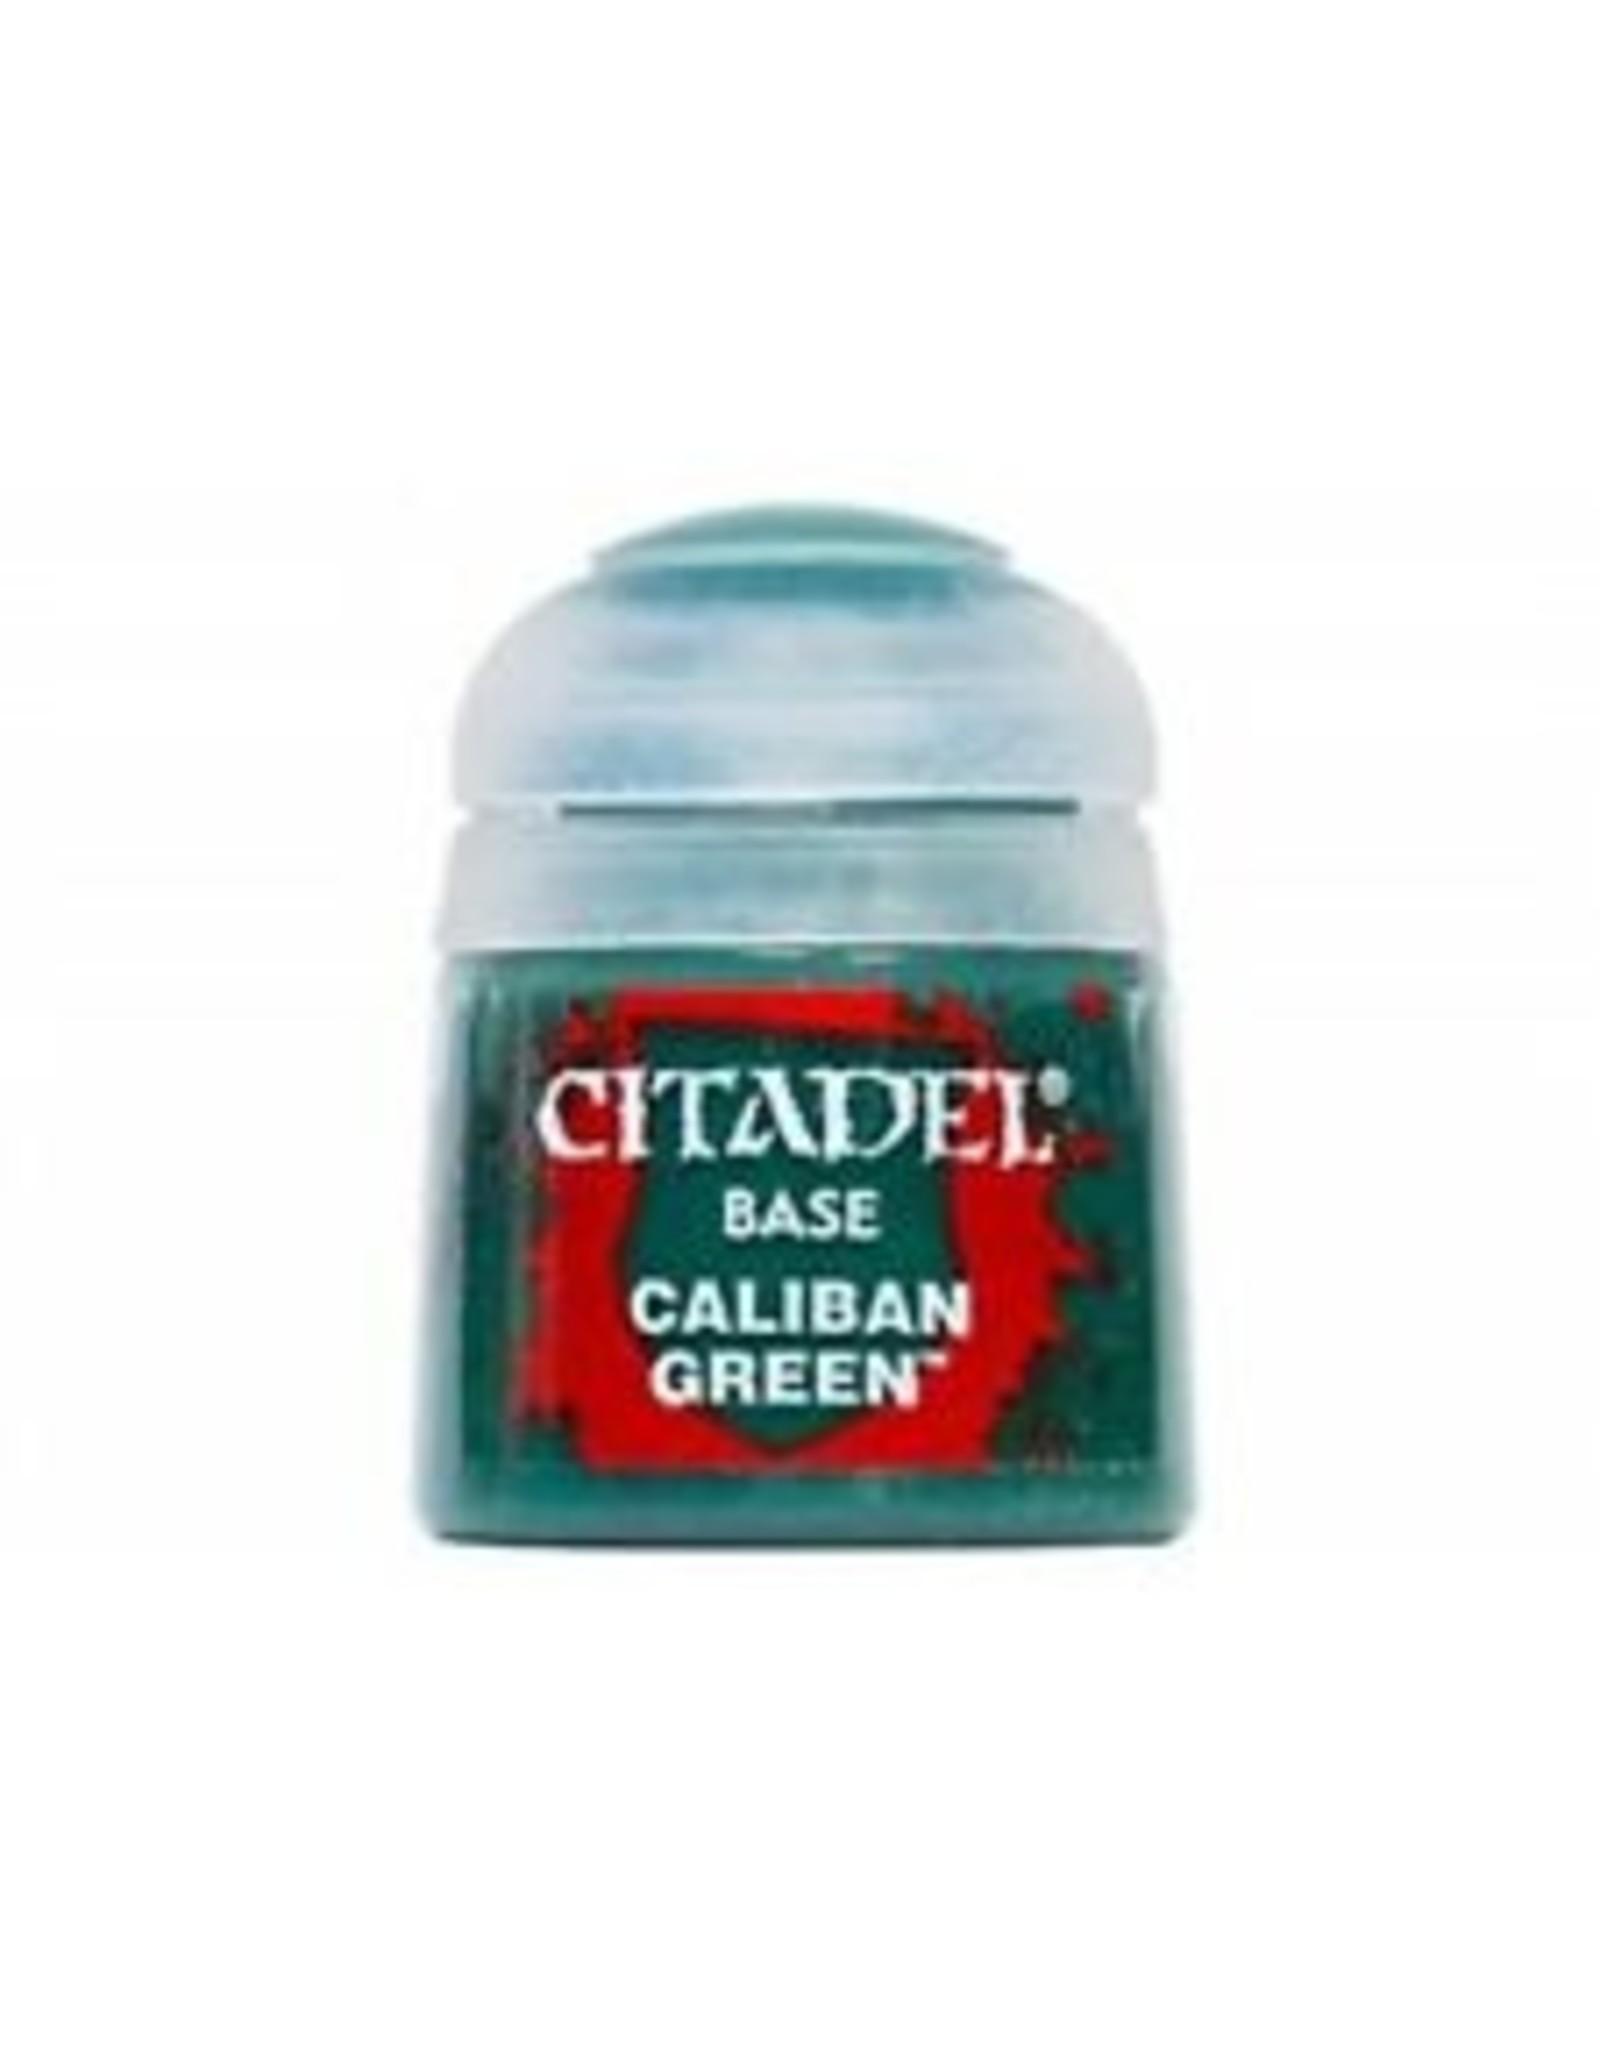 Citadel Citadel Paints: Base - Caliban Green